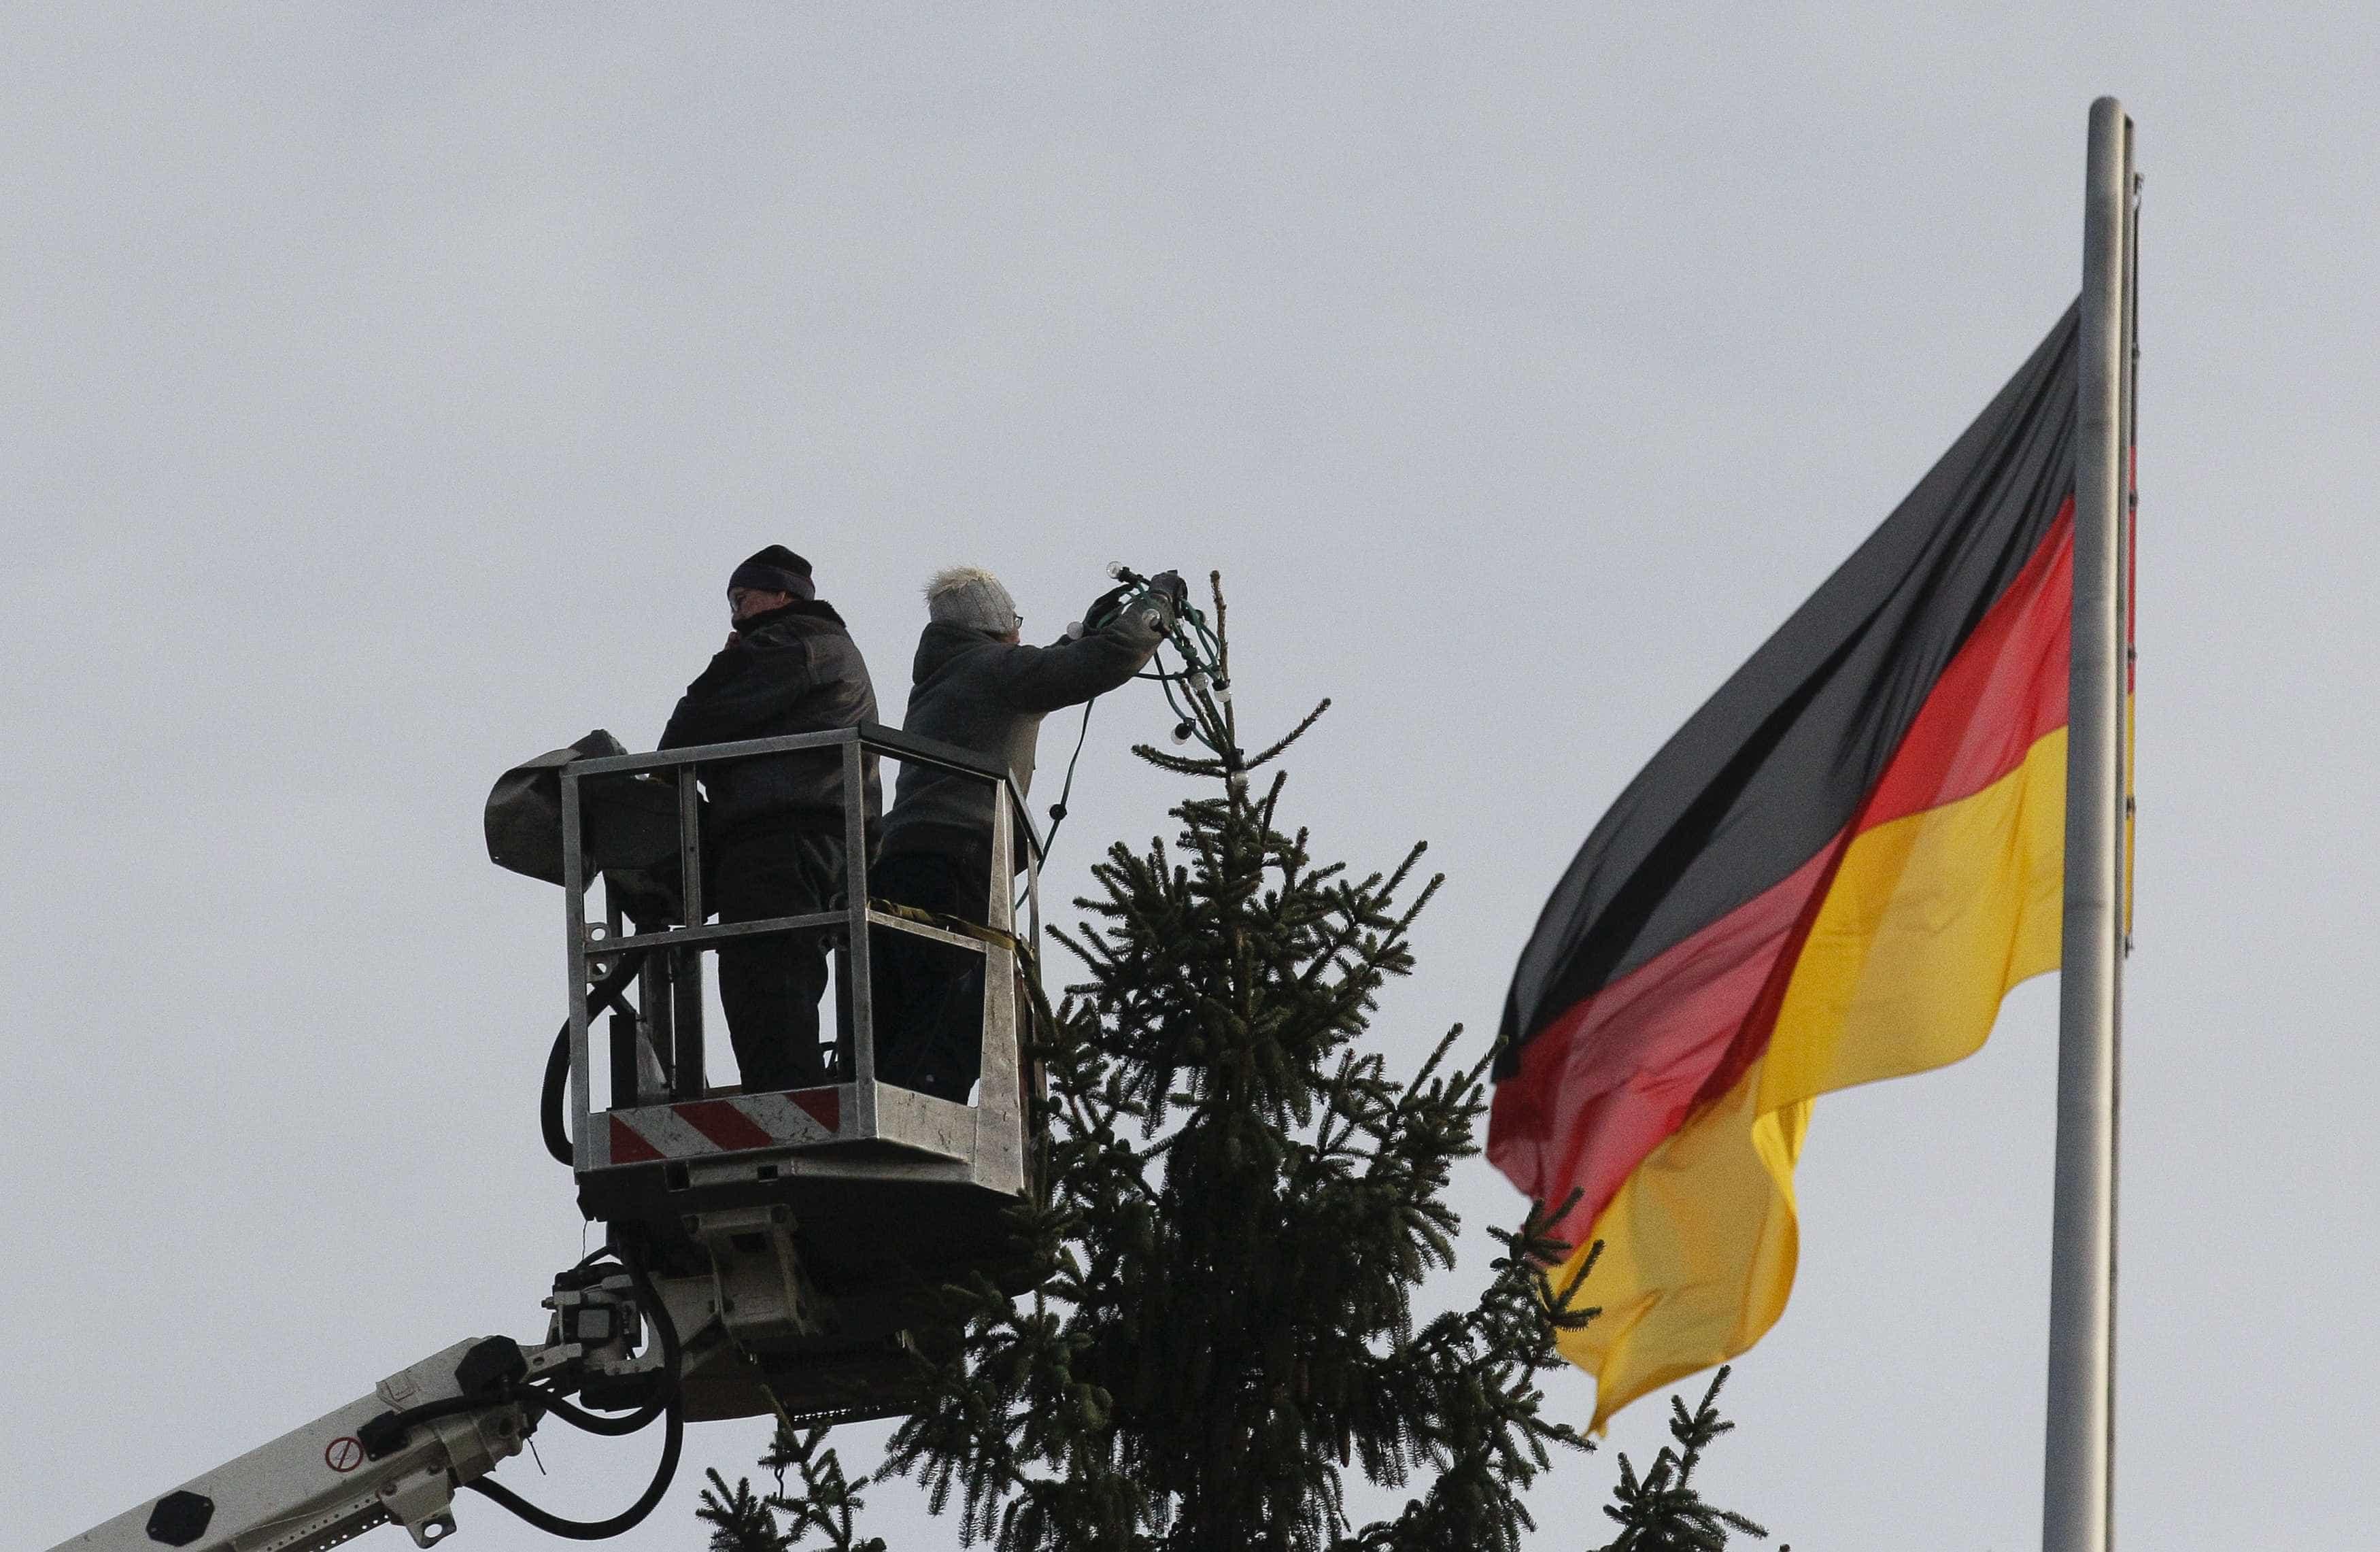 Alemanha repatria uma dezena de filhos de jihadistas alemães do Iraque